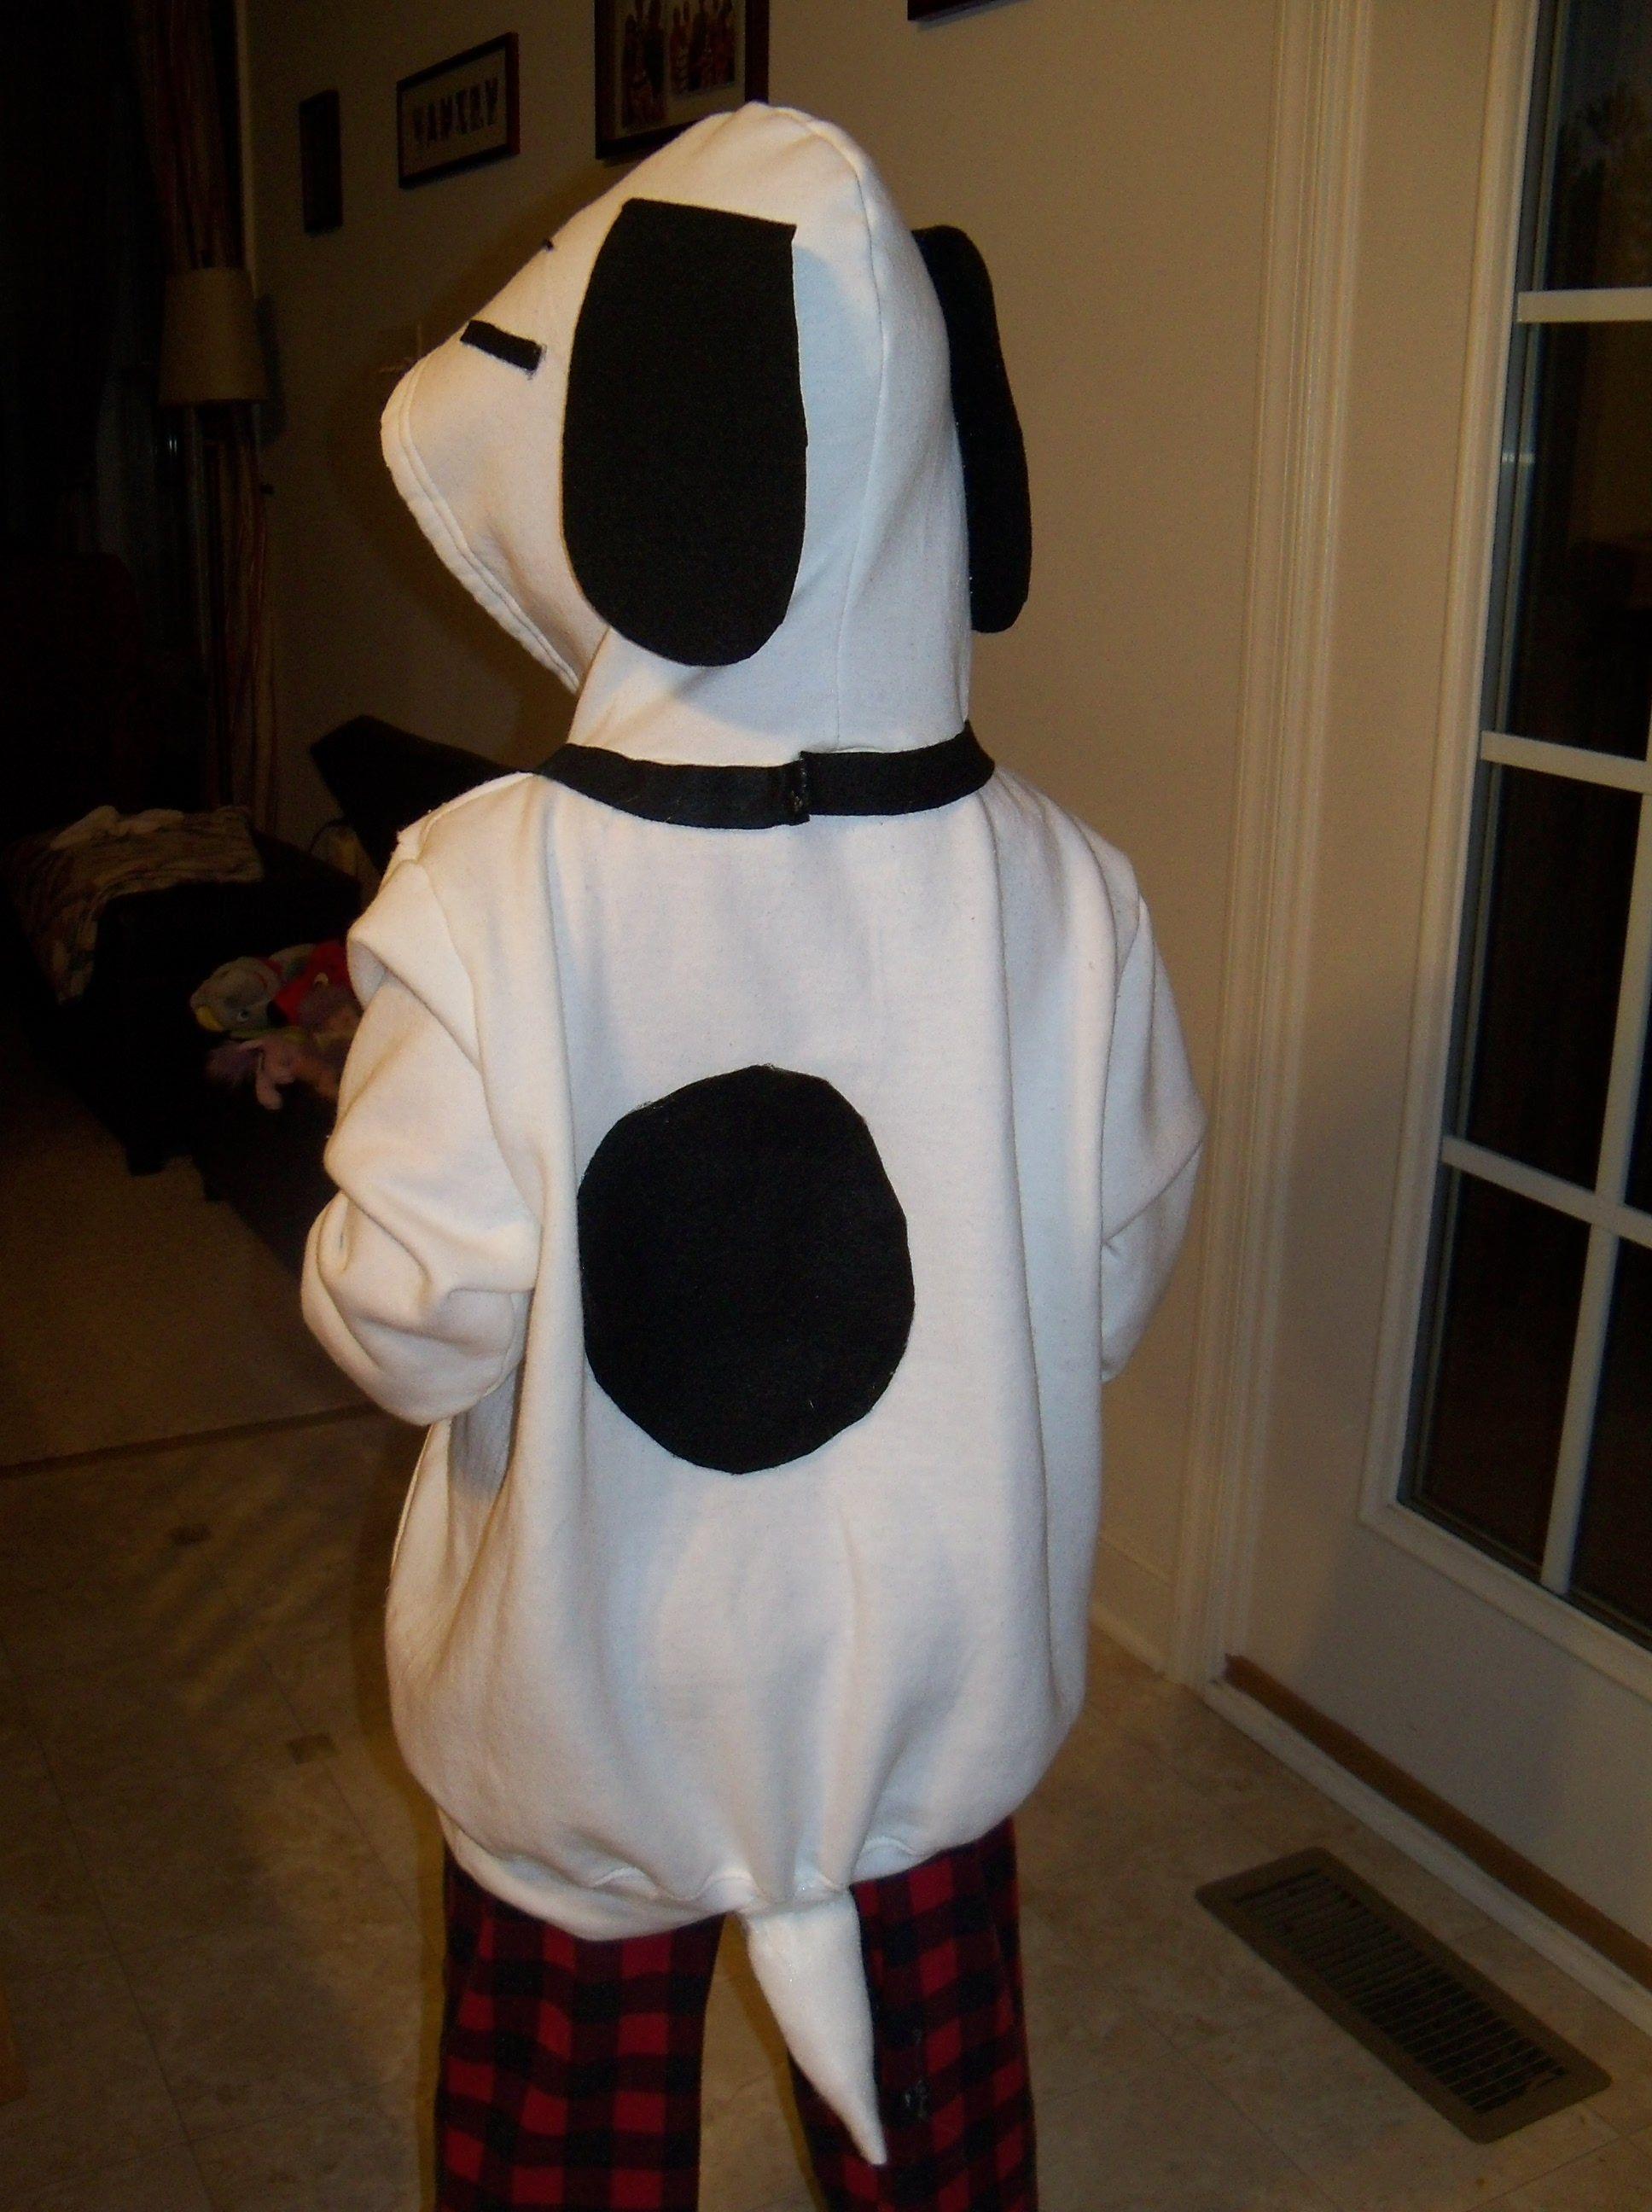 Más de 1000 imágenes sobre Costumes en Pinterest   Snoopy, Charlie ...